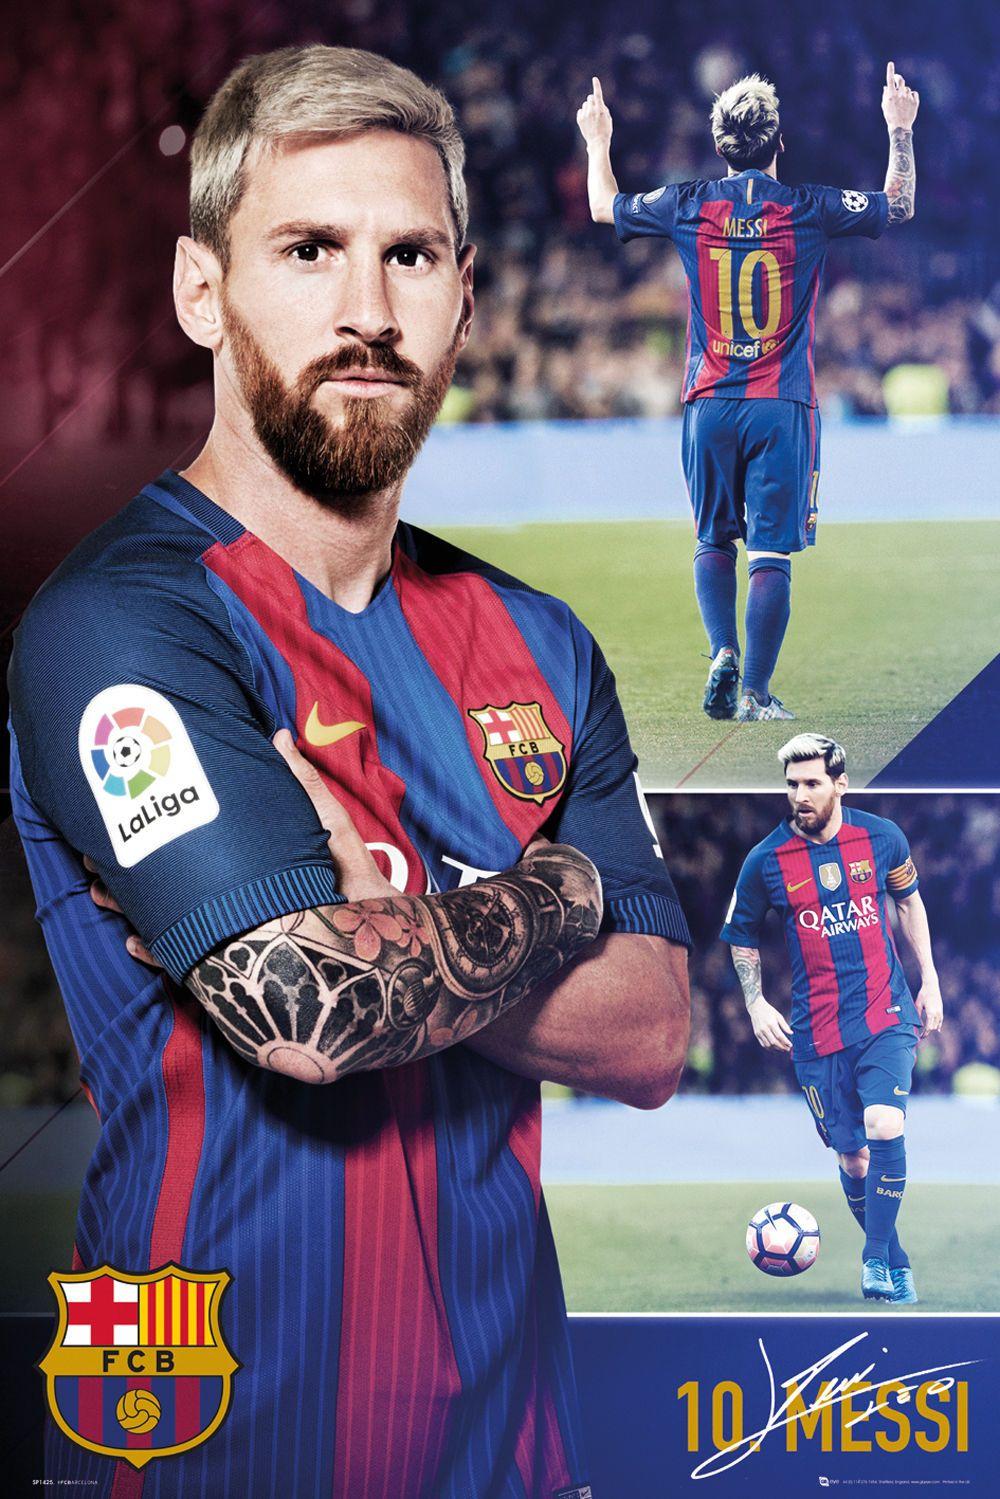 e4fd2cf76 $11.95 - 2017-18 Lionel Messi Collage Poster Fc Barcelona 24